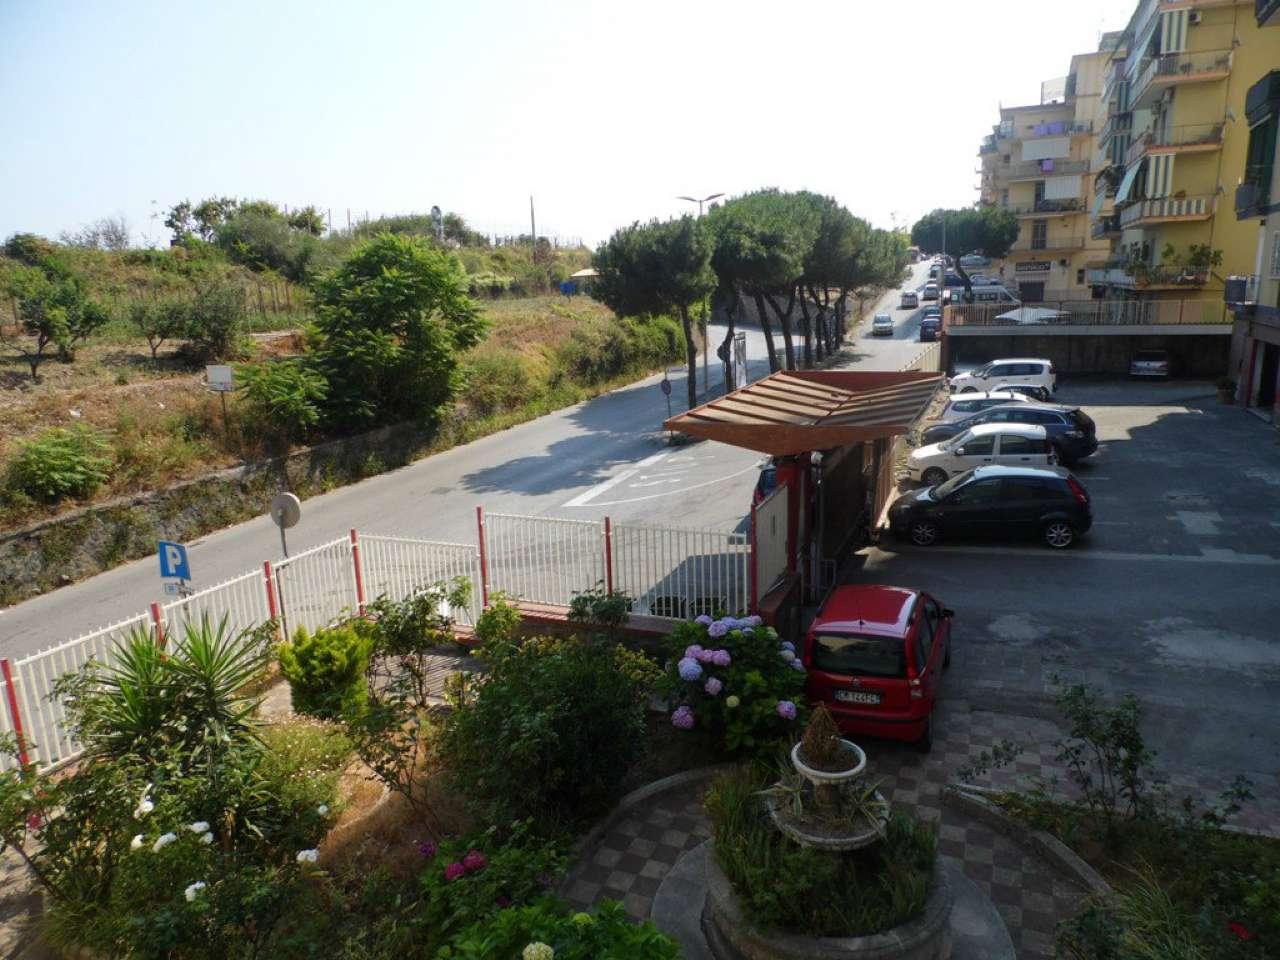 Appartamento in vendita a Castellammare di Stabia, 3 locali, prezzo € 175.000 | CambioCasa.it